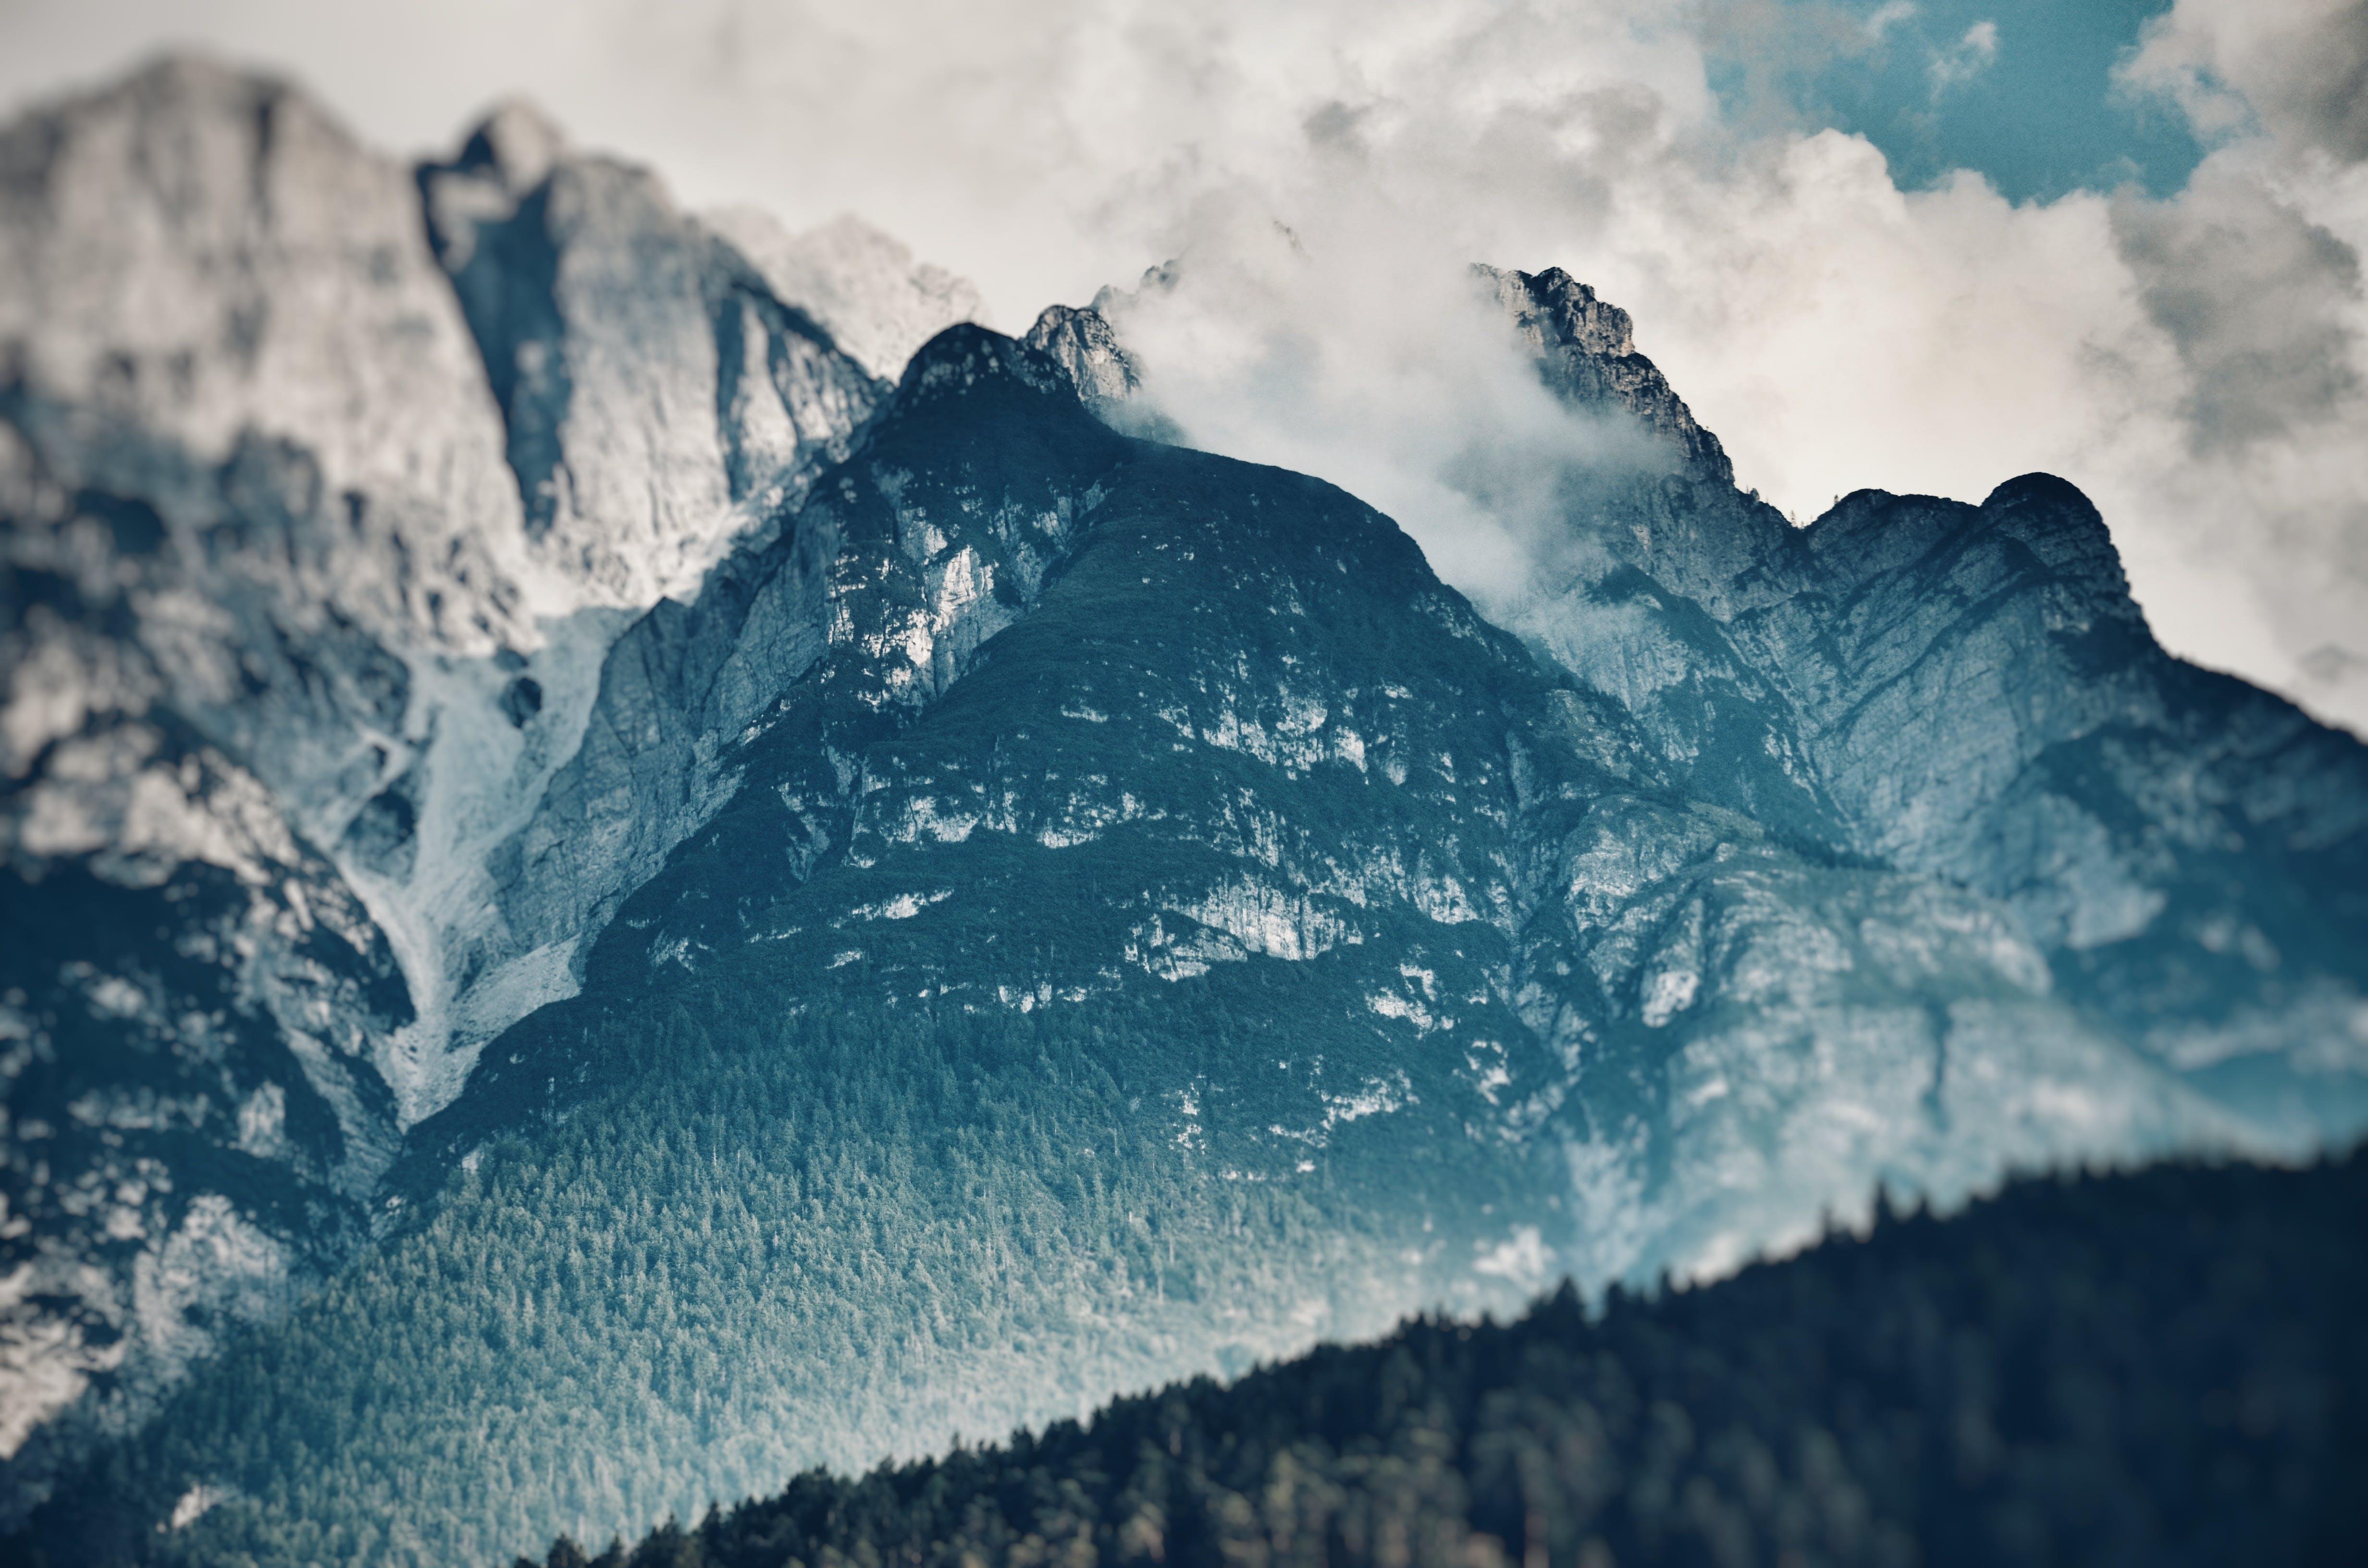 Immagine gratuita di alto, luce del giorno, montagna, montagna rocciosa